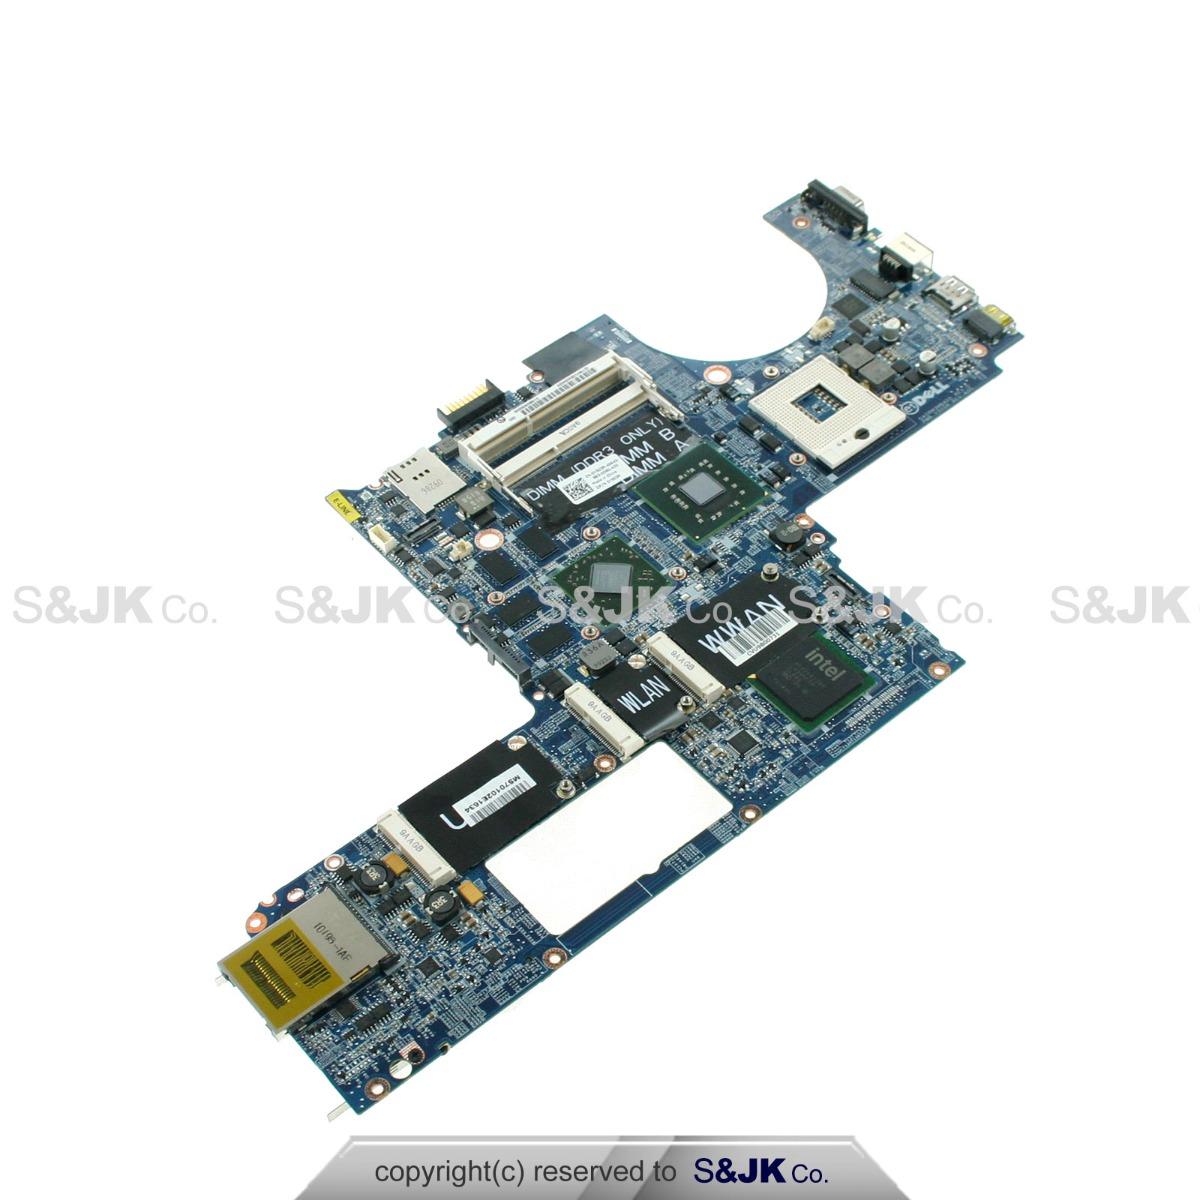 Dell studio xps 16 ram slots